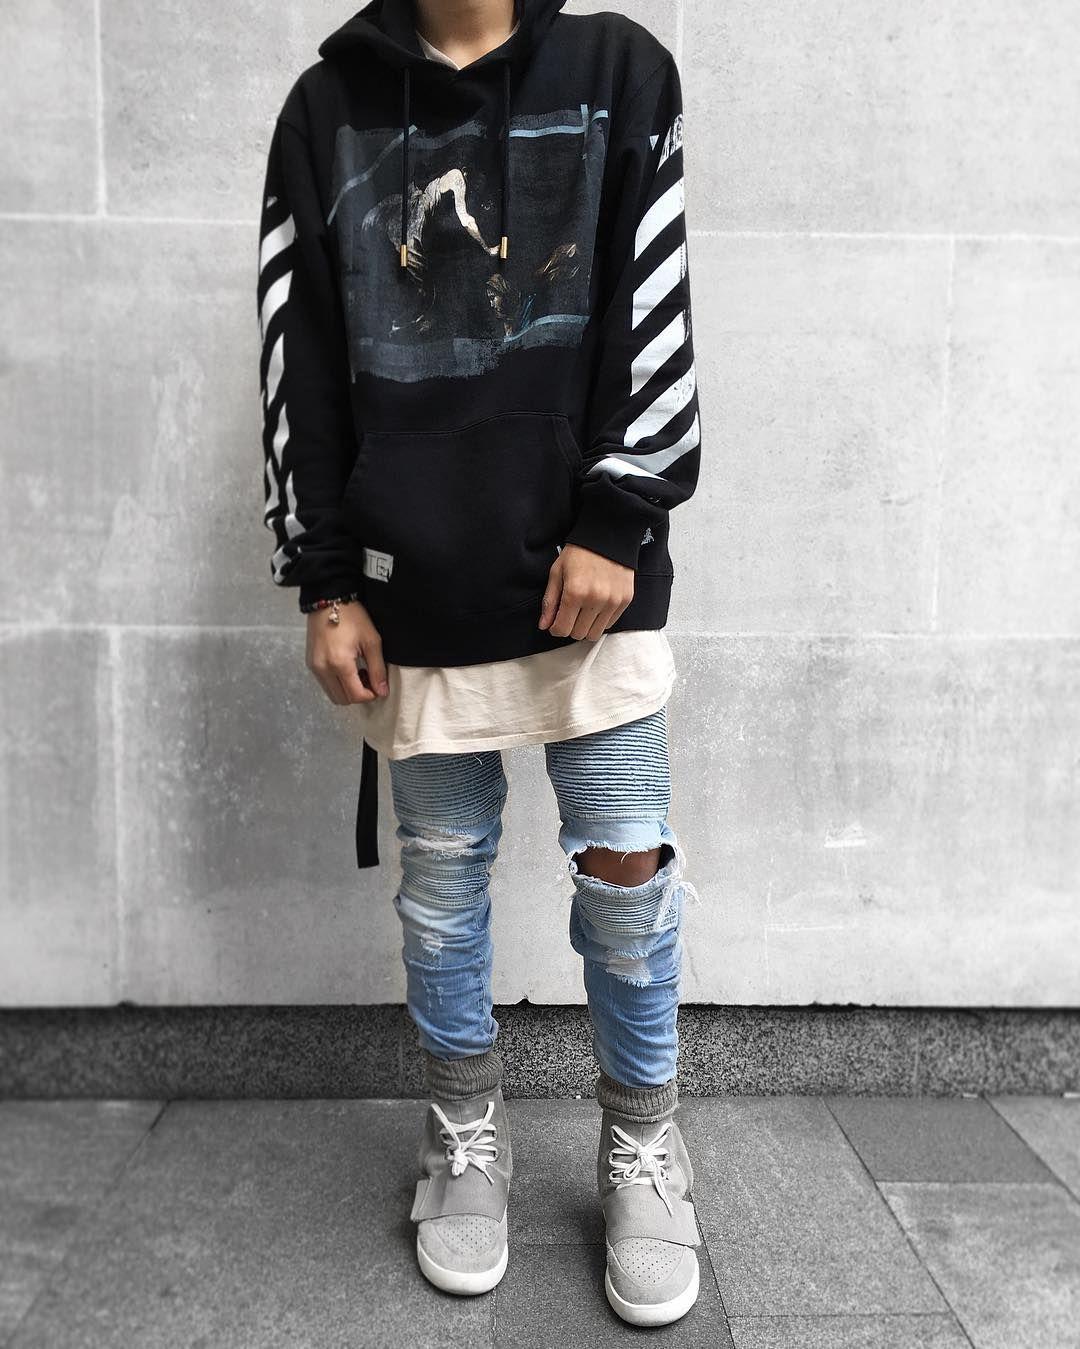 streetwear outfit ideas